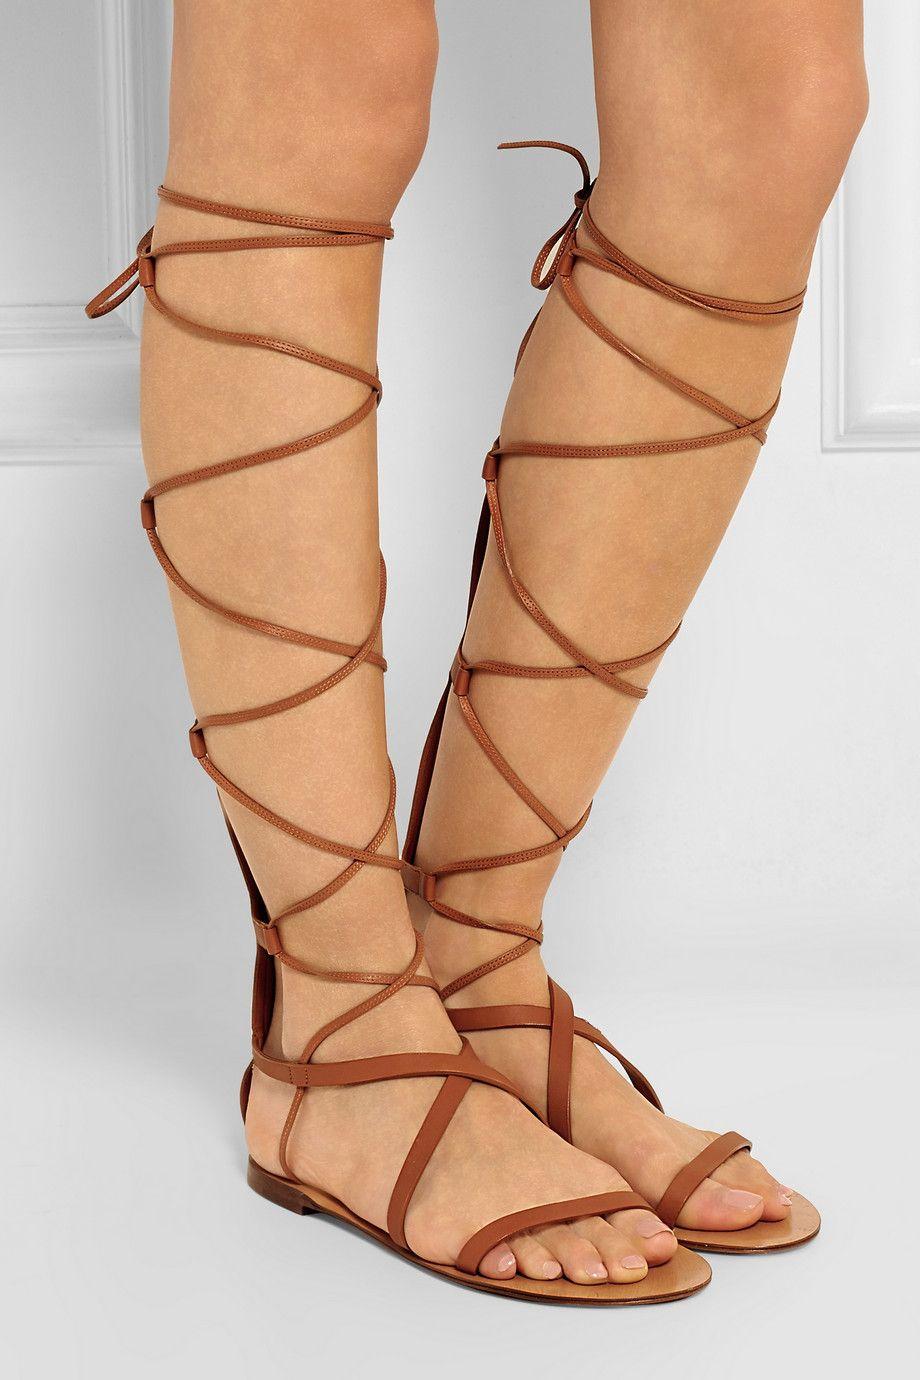 Valentino|Aphrodite leather sandals|NET-A-PORTER.COM